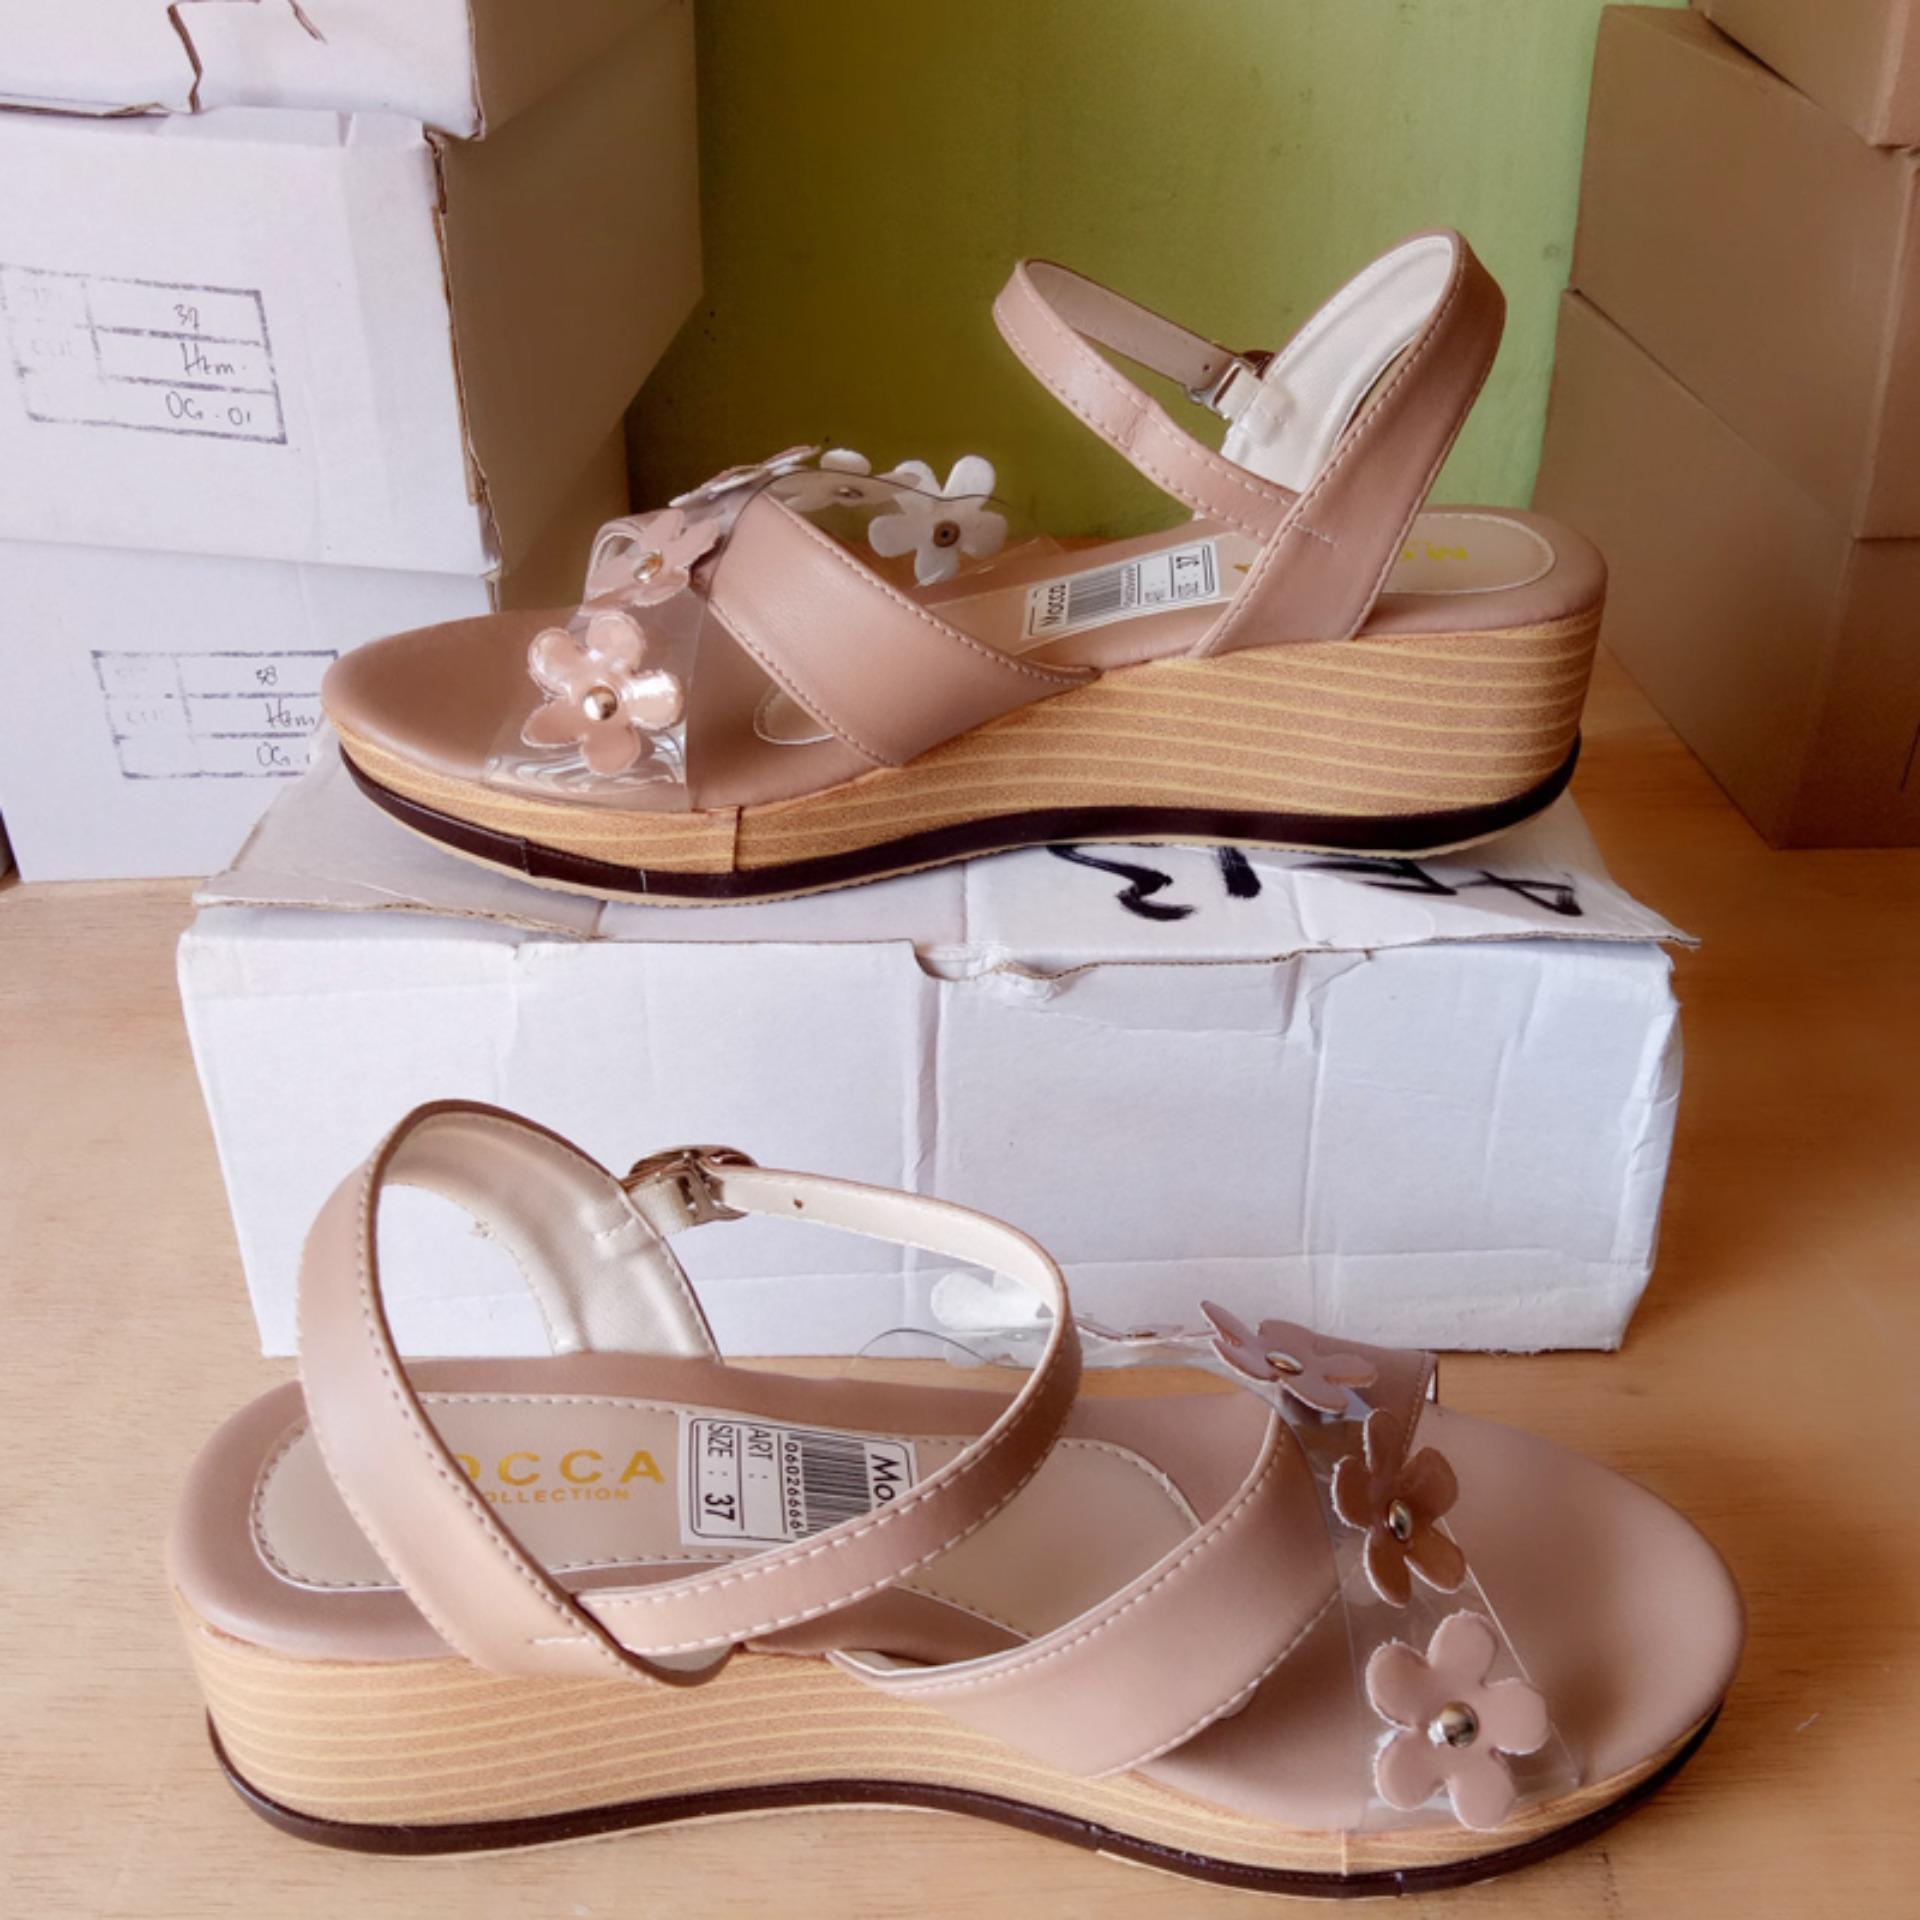 Sandal Wedges Wanita Cewek Murah Model Terbaru Tpn 01 Hak 12cm Hitam Zr01 Tan Sepatu Bunga Af13 Cream